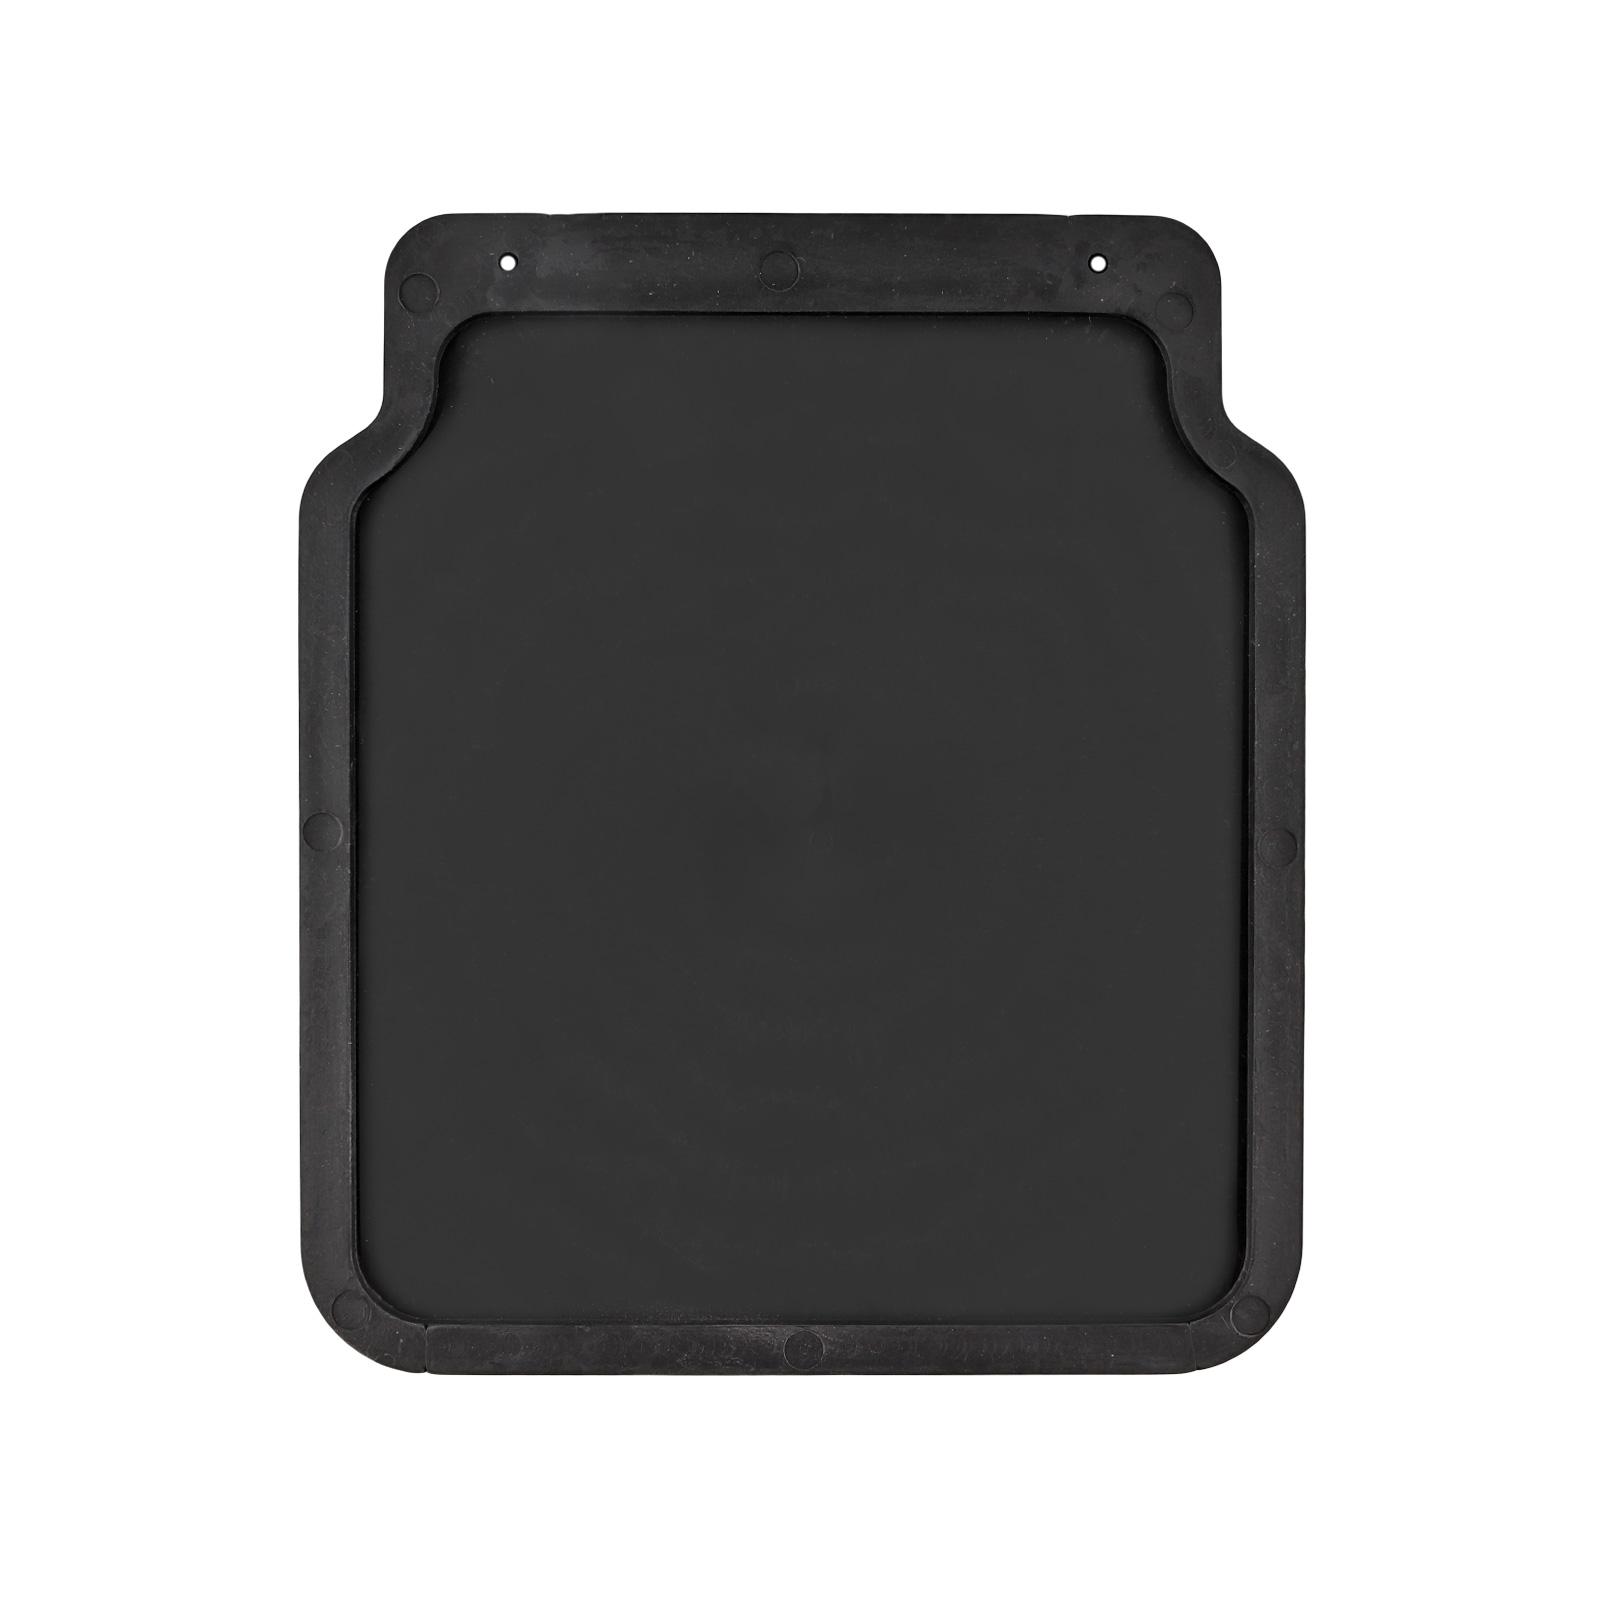 Schmutzfänger Universal Gummi 23x20cm Schwarz Für Anhänger Wohnwagen Pkw Ebay